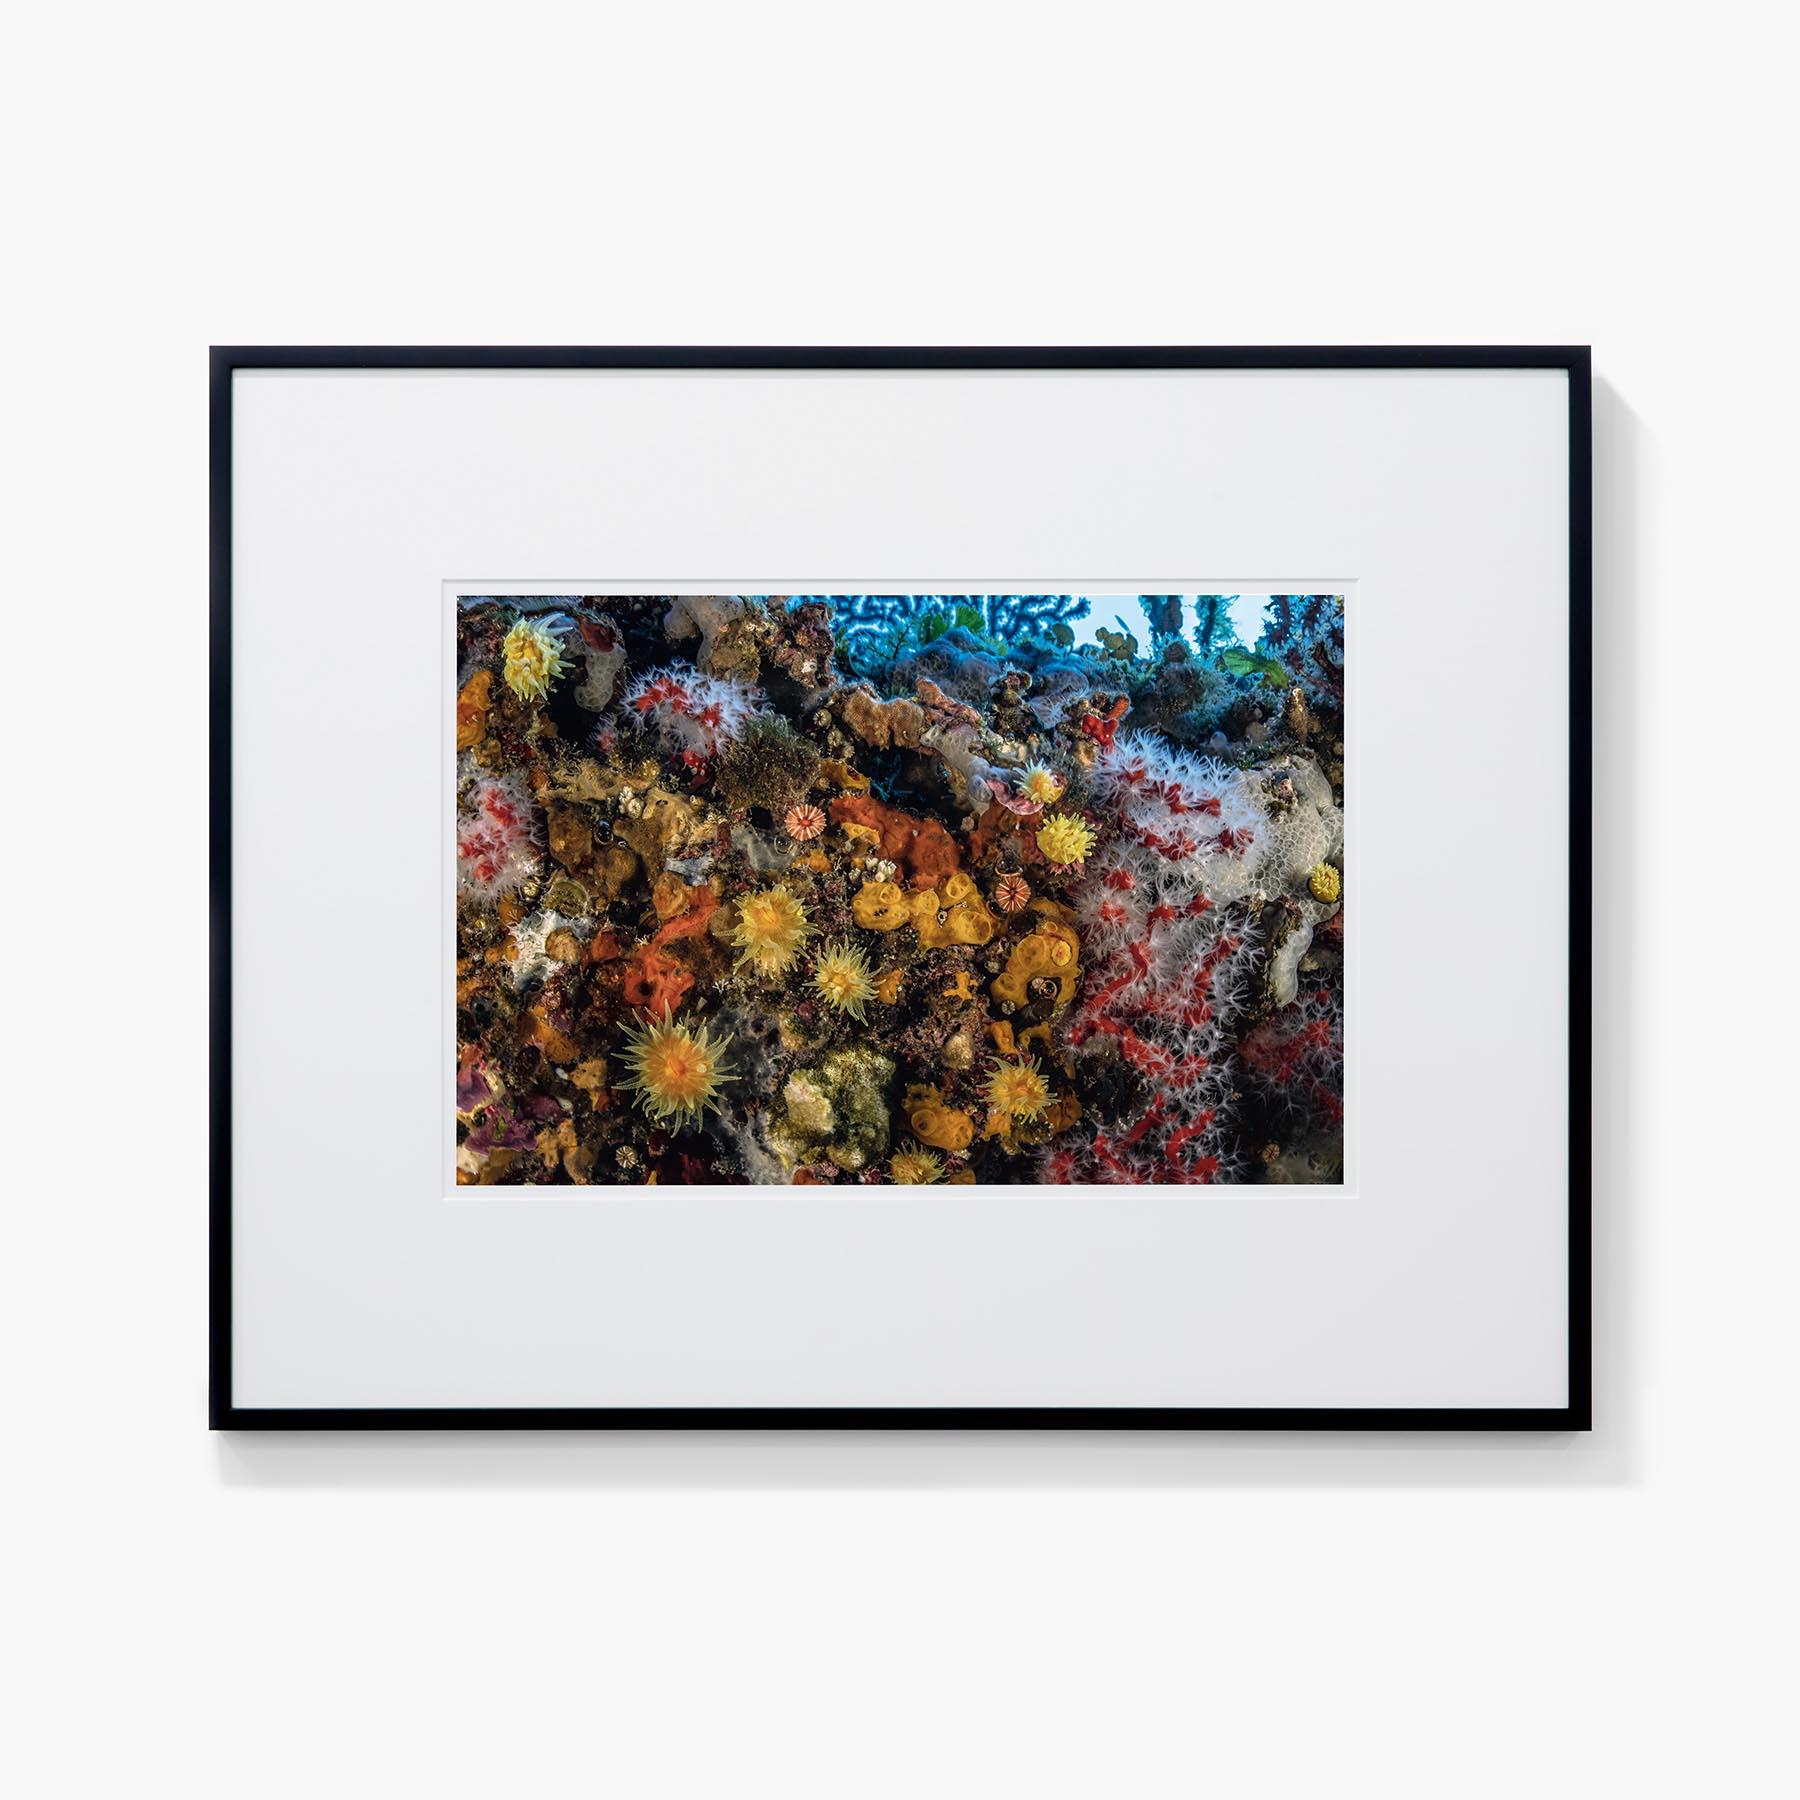 Tirage Laurent Ballesta Assemblage d'invertébrés sur coralligène